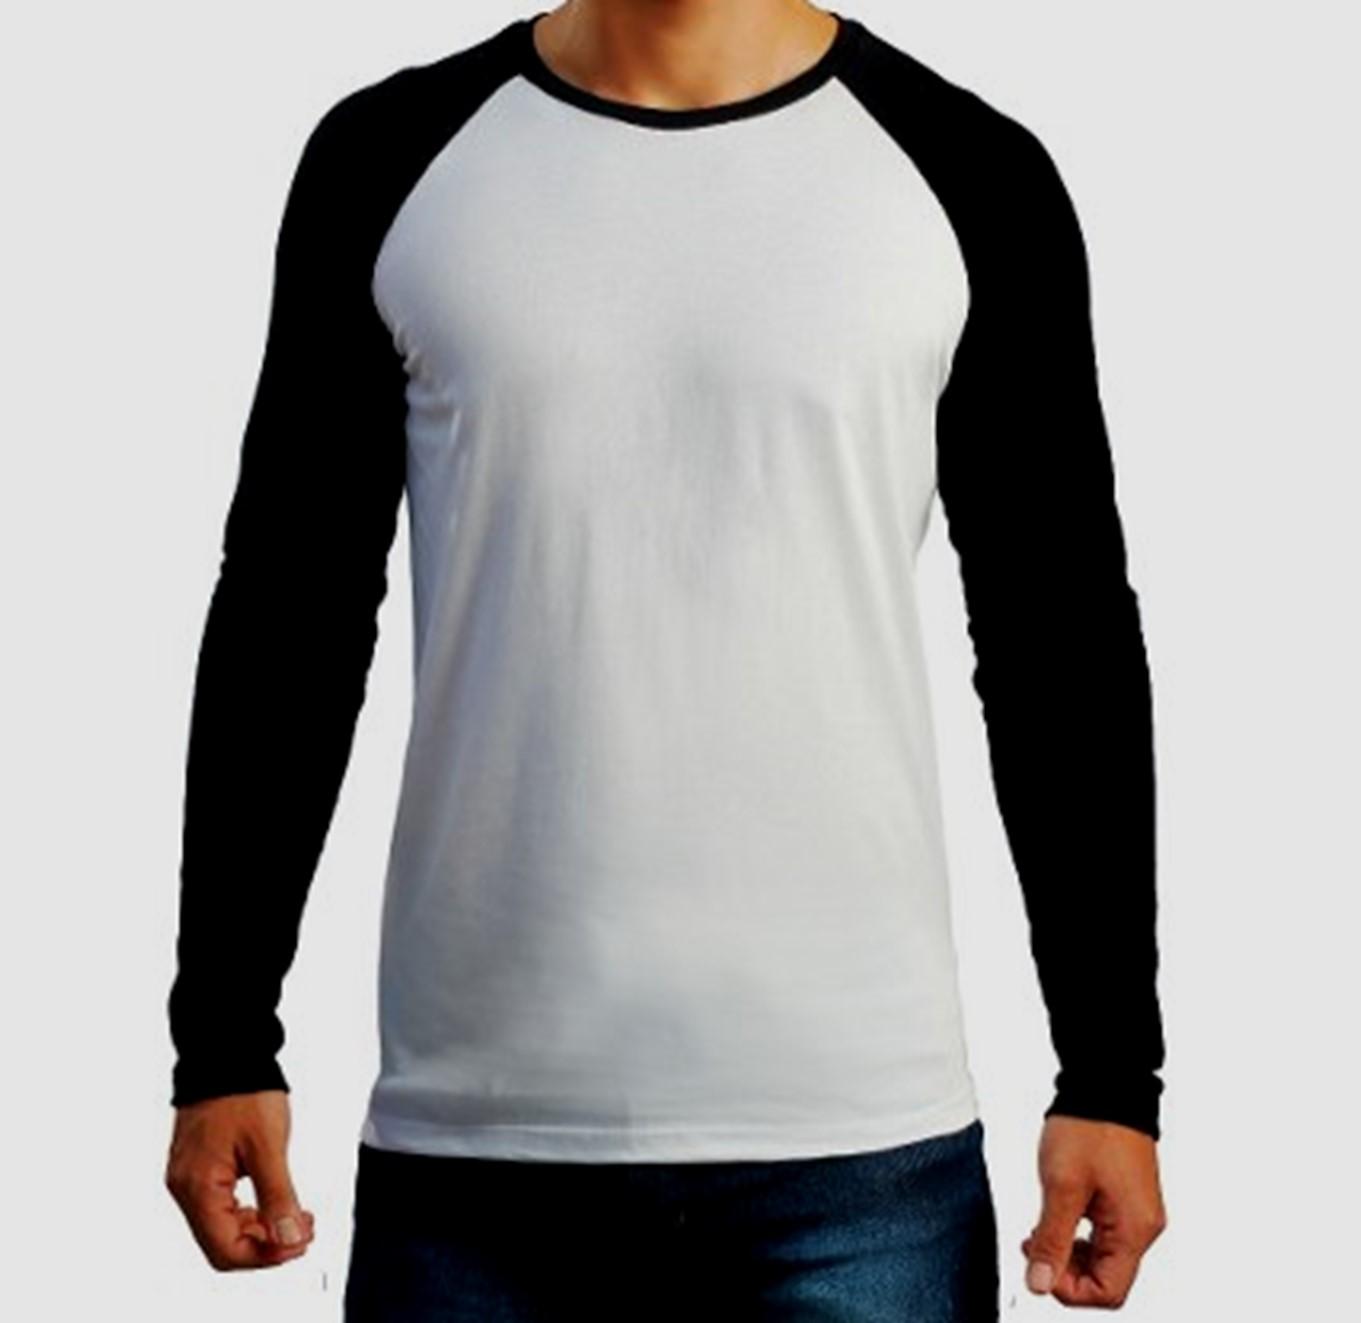 bcdbe1e33 Camisa Raglan BRANCA com manga PRETA (opção manga longa ou curta ...